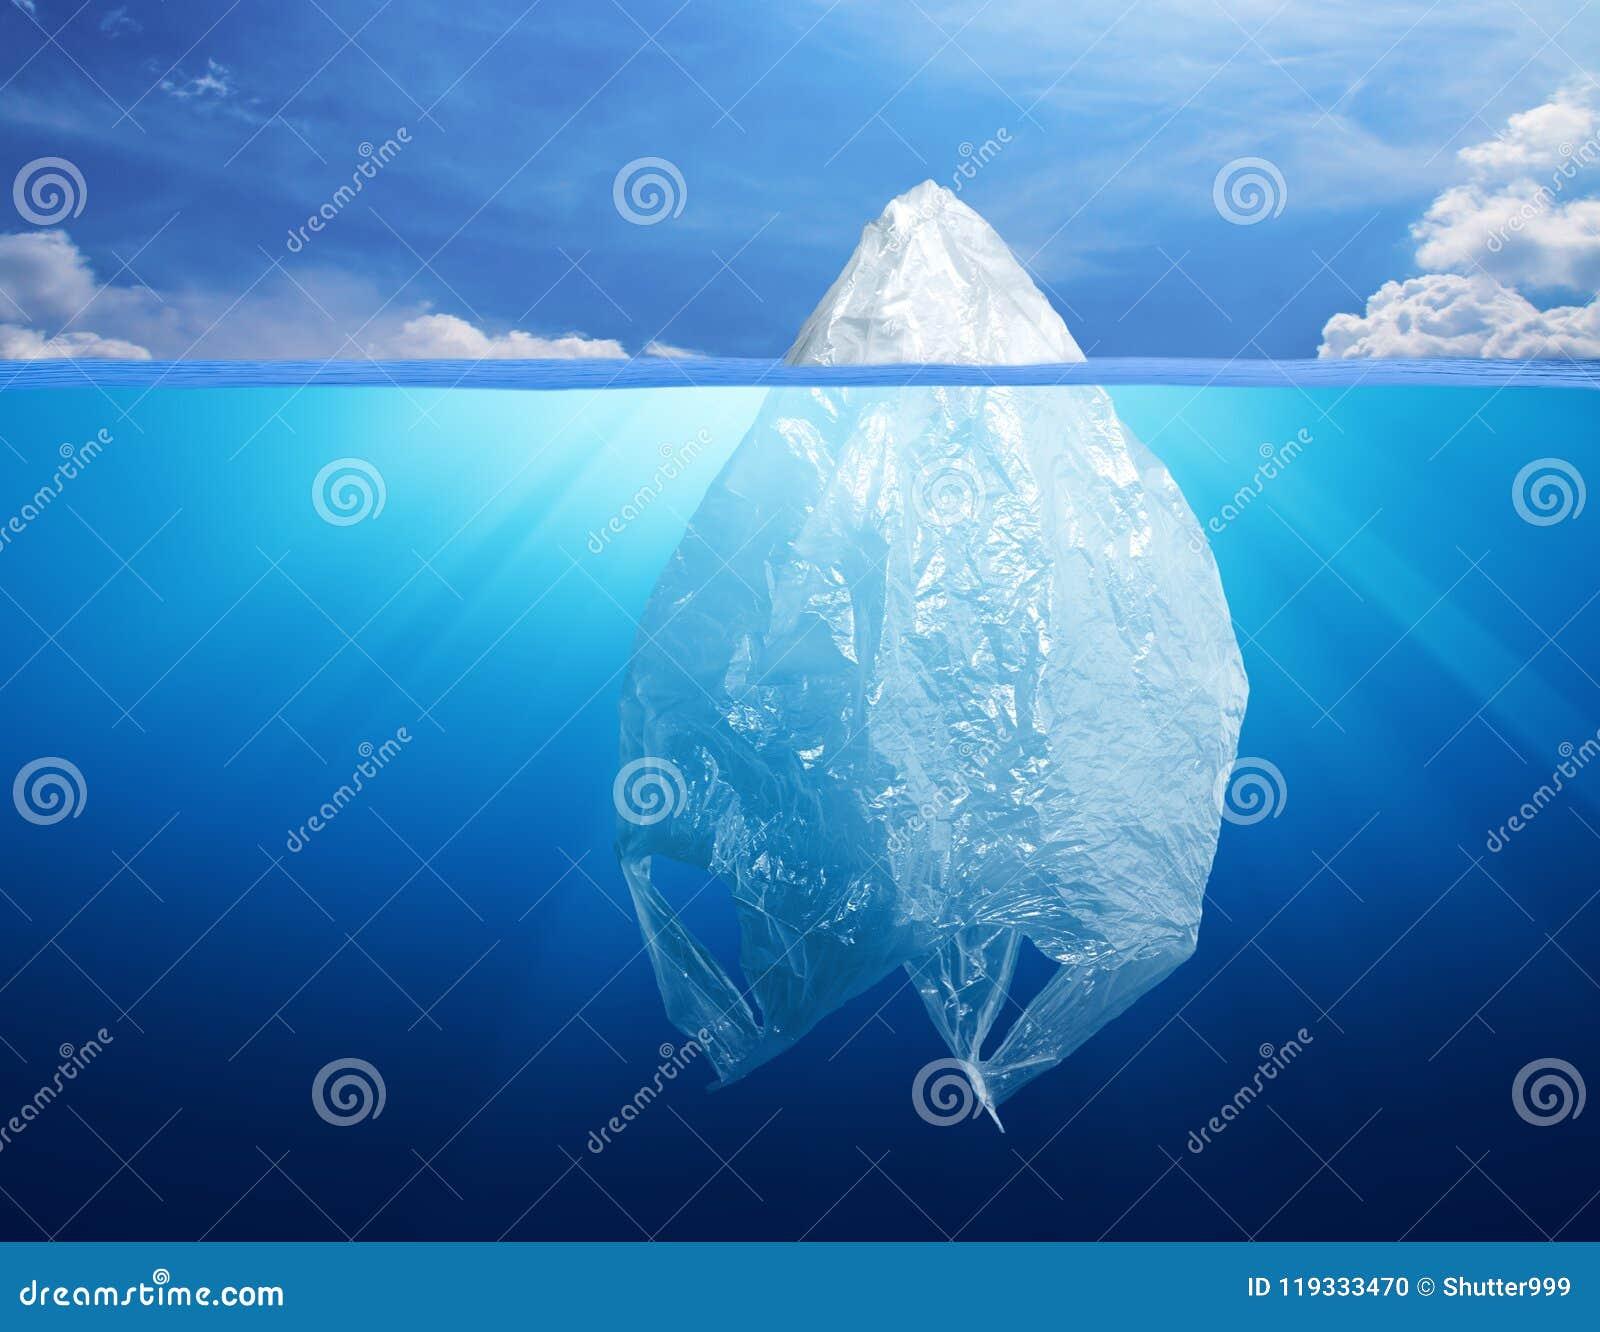 Contaminación del ambiente de la bolsa de plástico con el iceberg